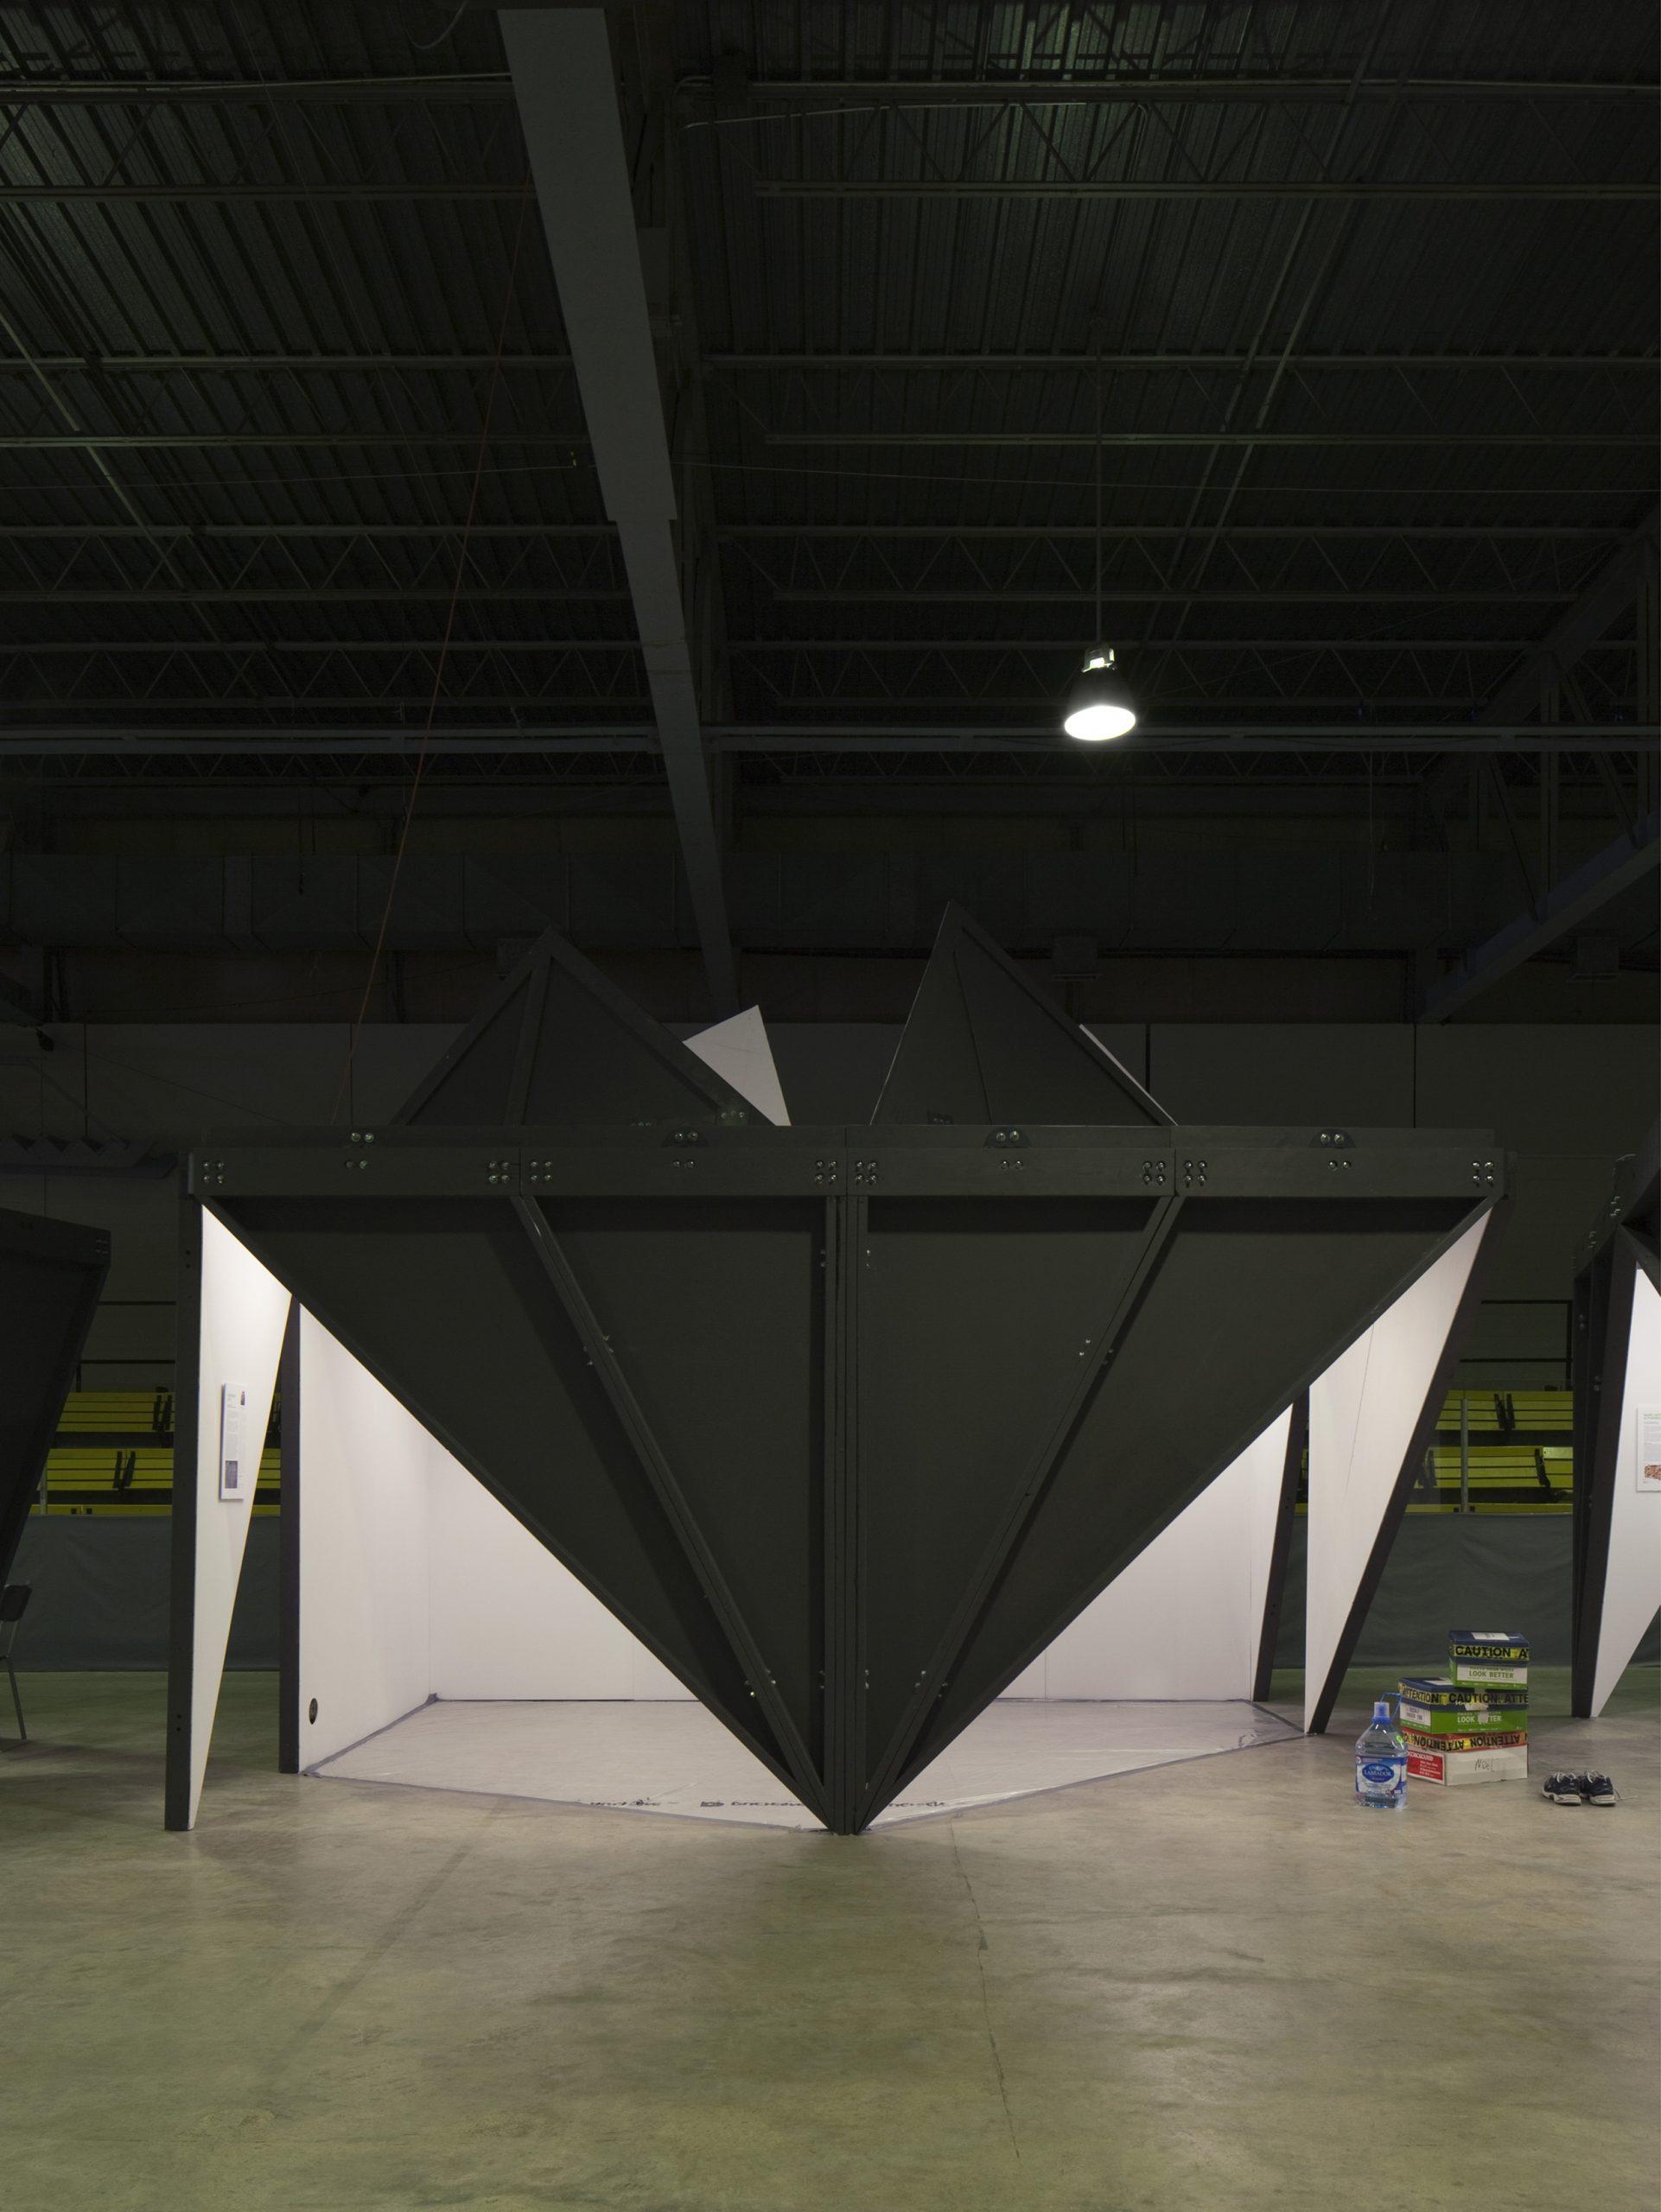 Symposium international d'art contemporain de Baie-Saint-Paul Cecobois 1